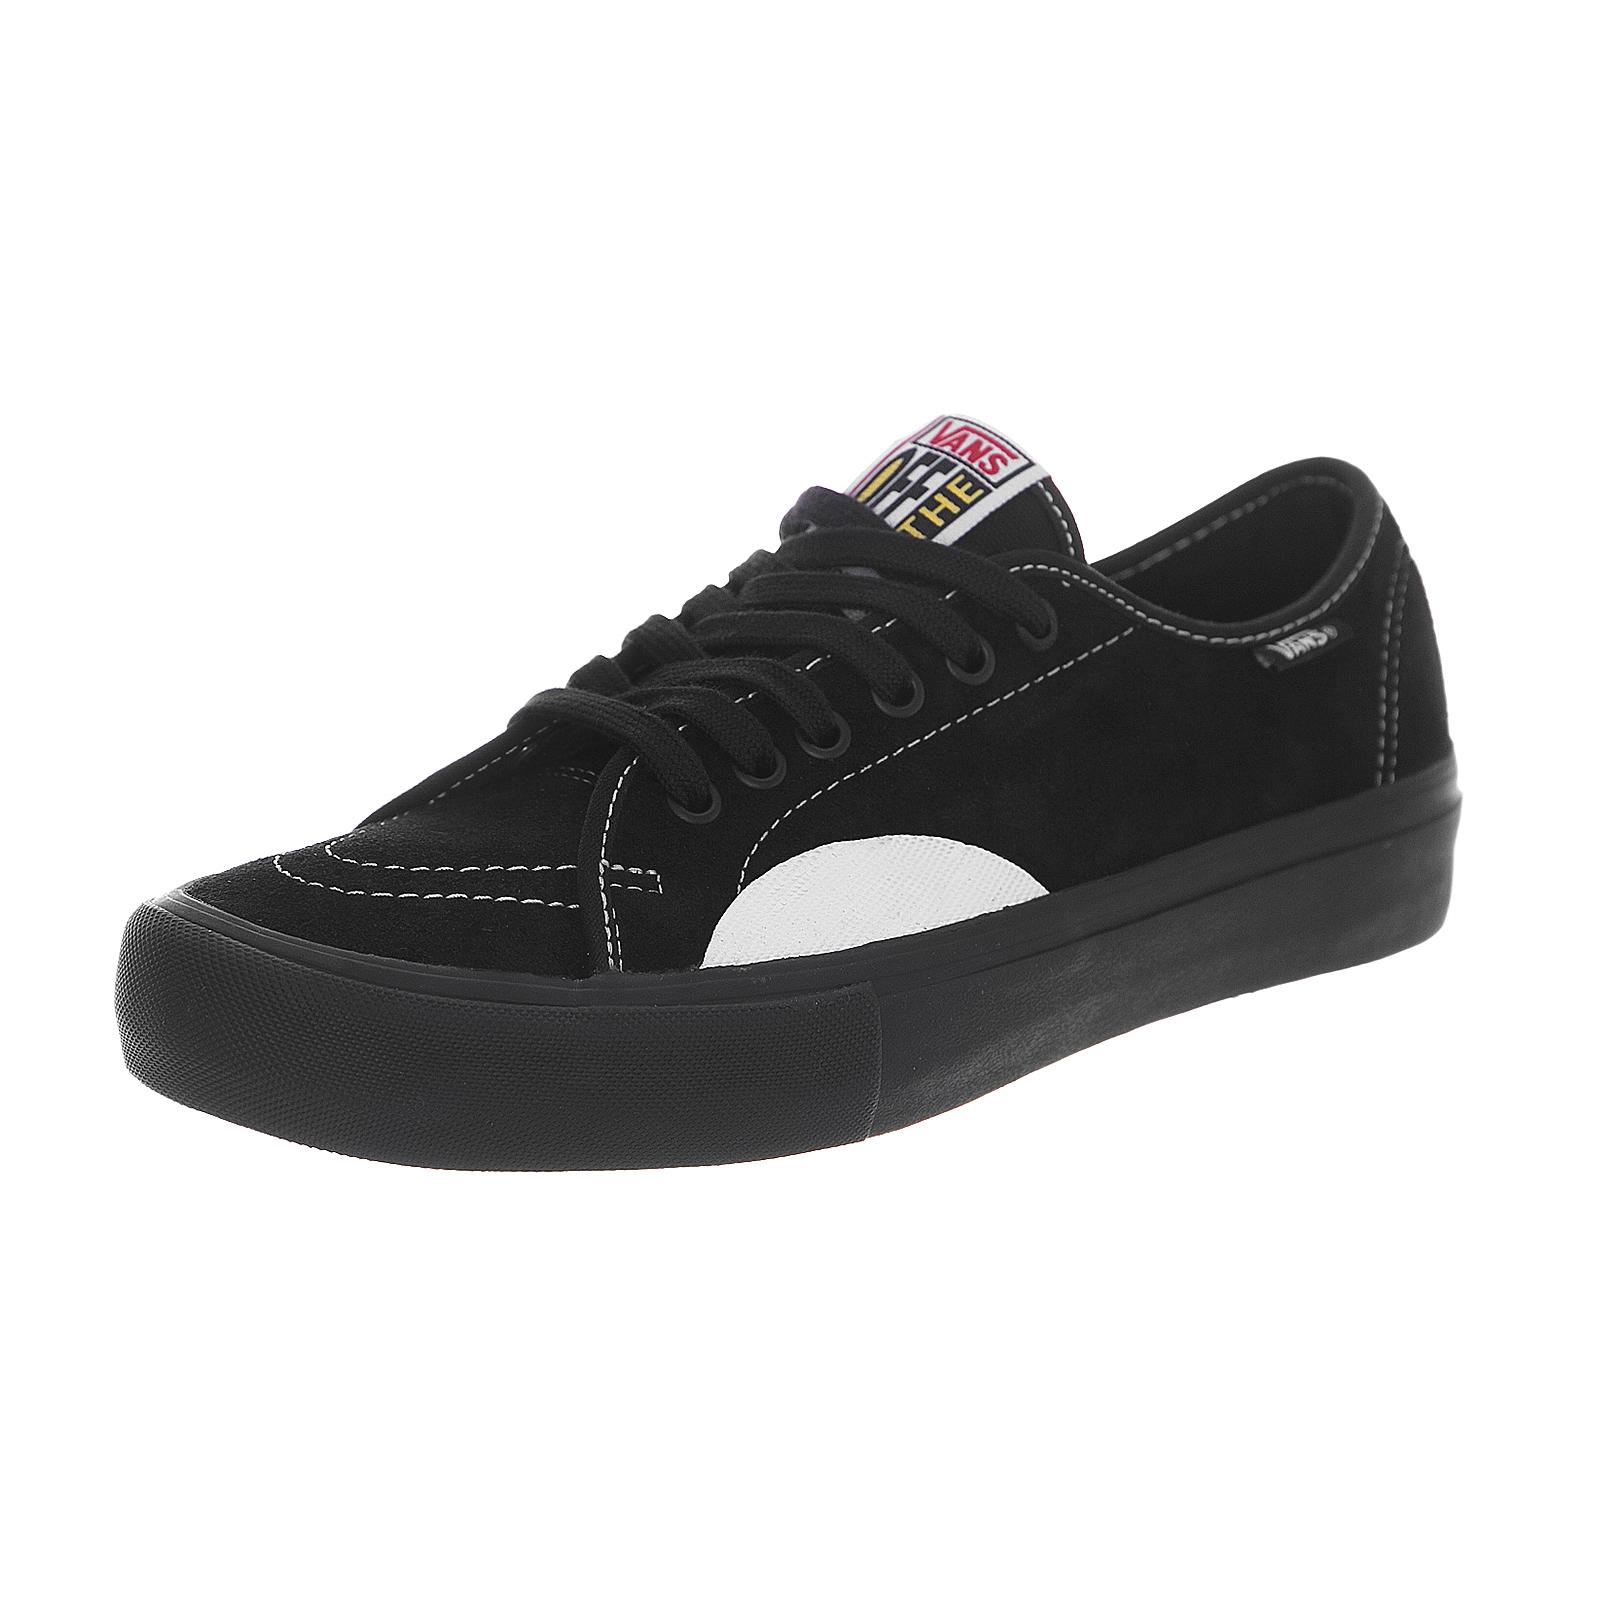 7285345f9 Zapatillas Vans Vans Pro Skate zapatos negro blanco negro clásico Pro Av